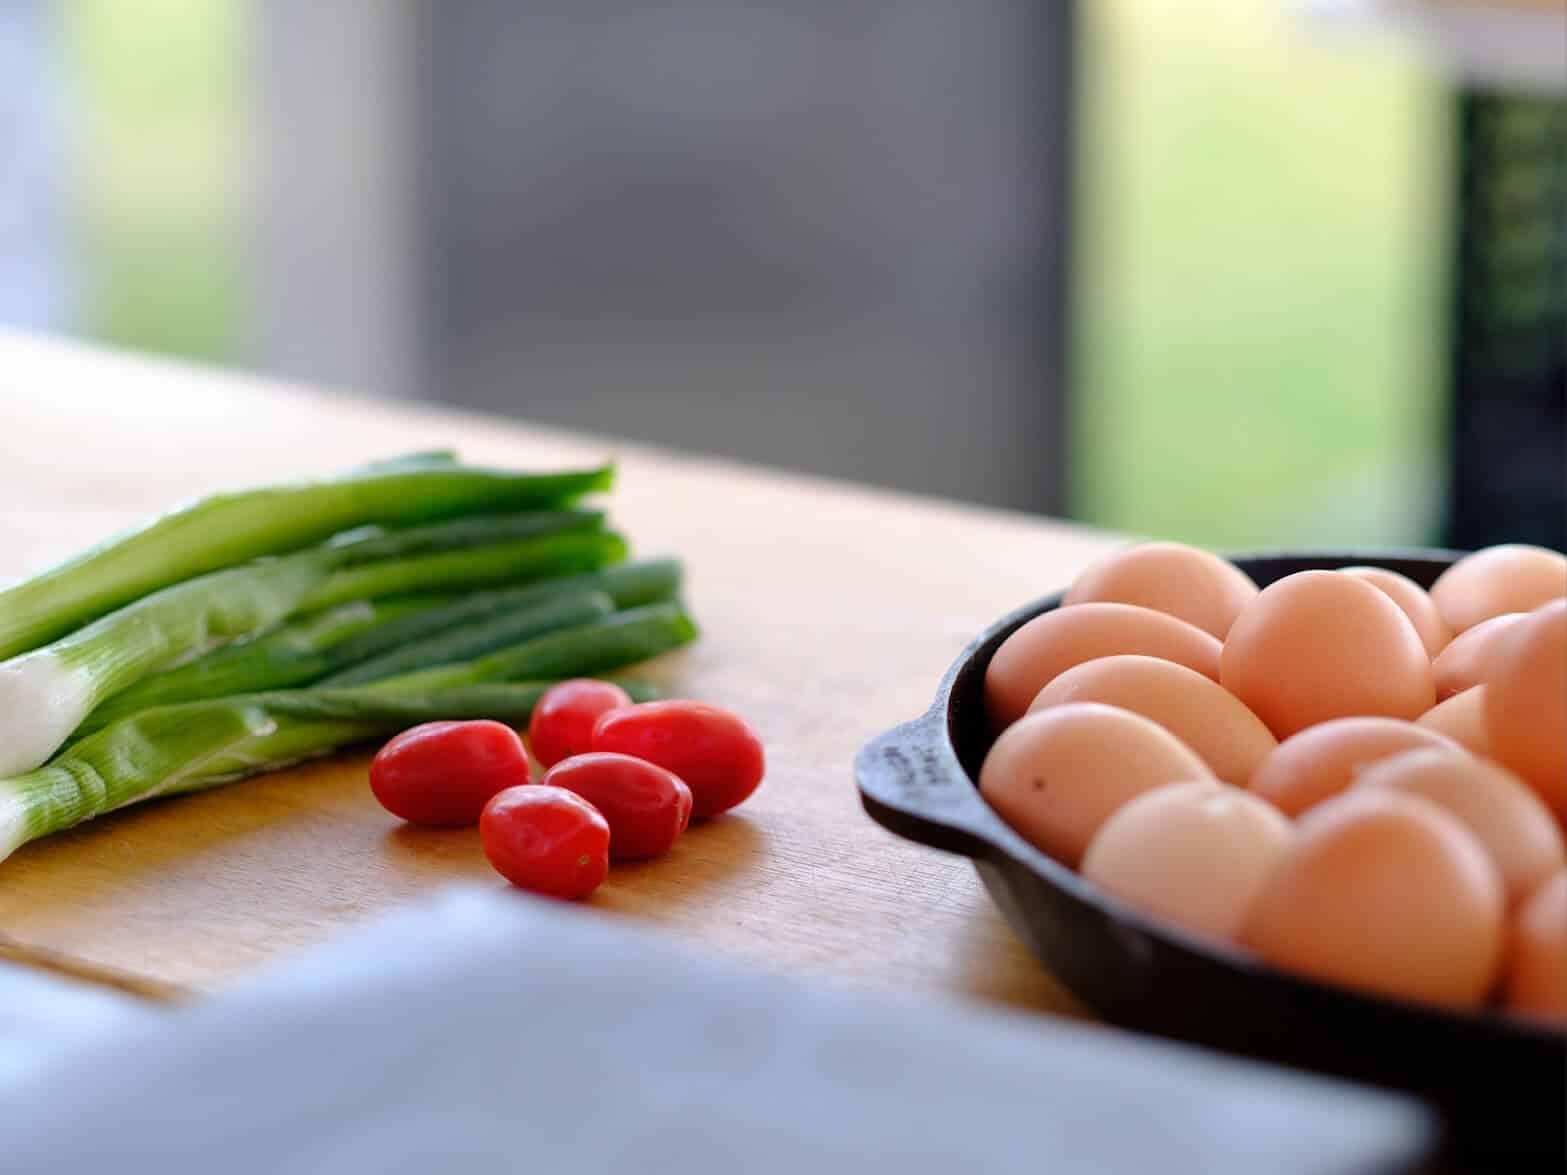 Eier, Tomaten und Frühlingszwiebel